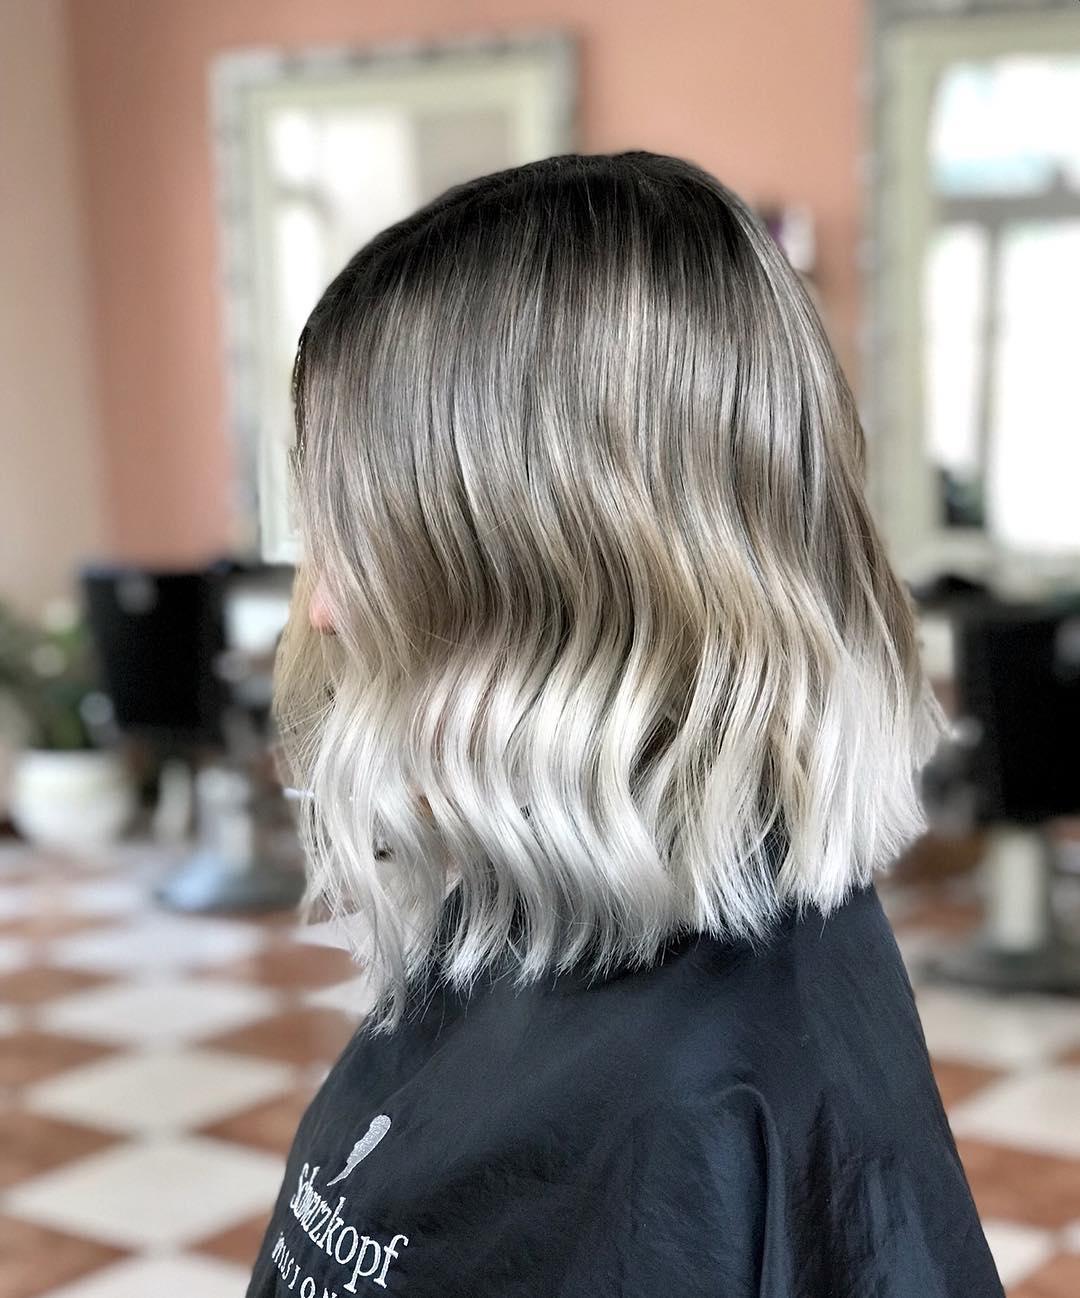 Updated 40 Dark Roots Blonde Hair Ideas August 2020